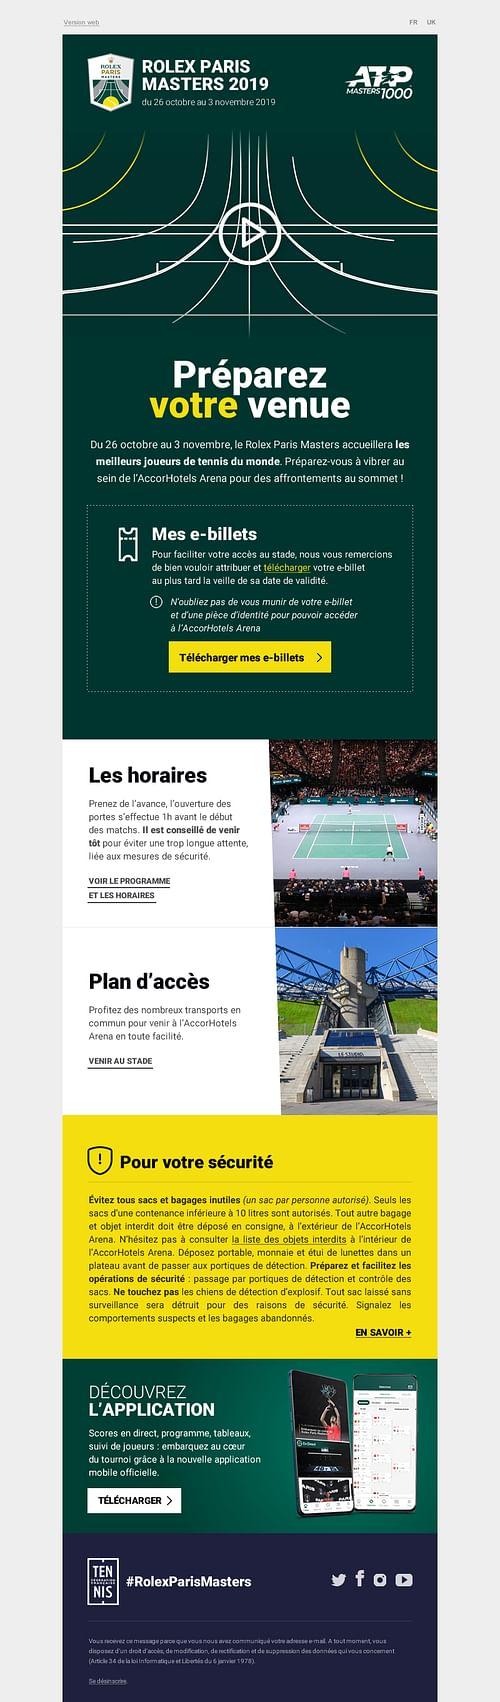 Refonte des emails du Rolex Paris Masters - E-mailing